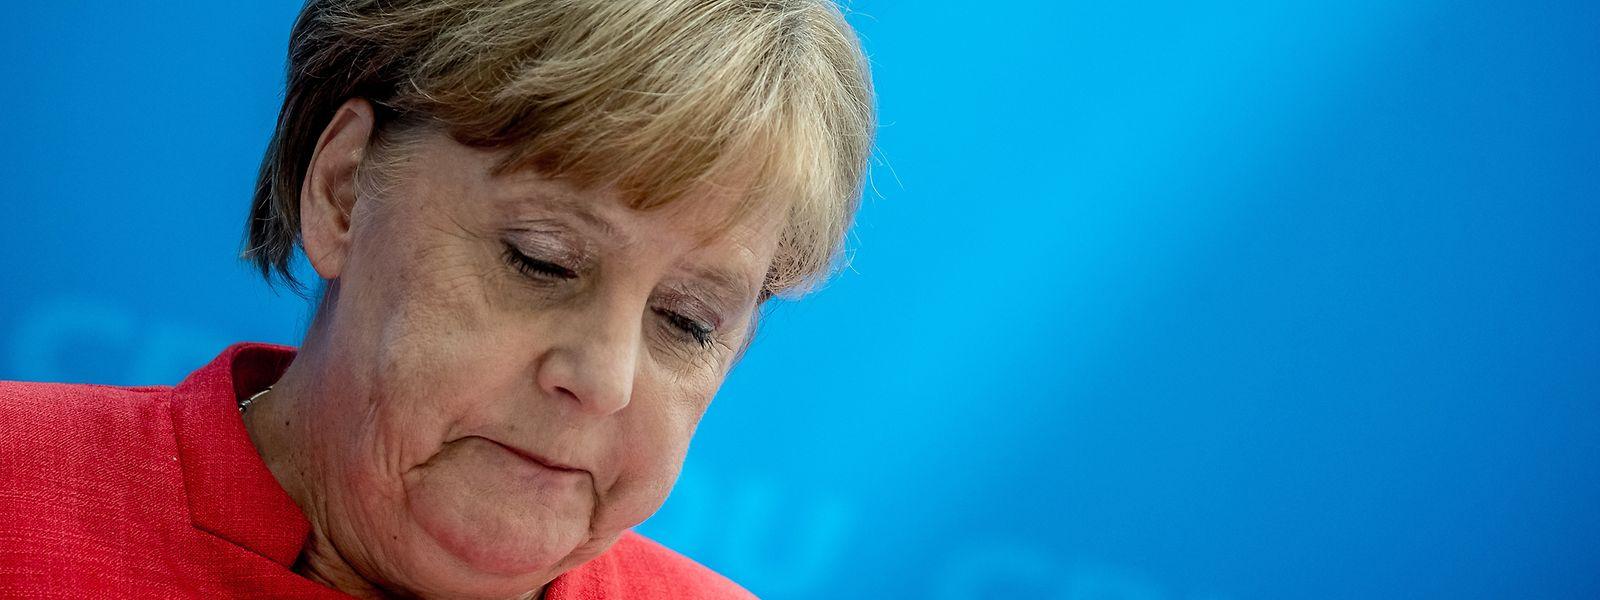 Angela Merkel, Bundeskanzlerin und CDU-Bundesvorsitzende, spricht bei einer Pressekonferenz nach der Sitzung des CDU-Bundesvorstands im Konrad-Adenauer-Haus in Berlin.